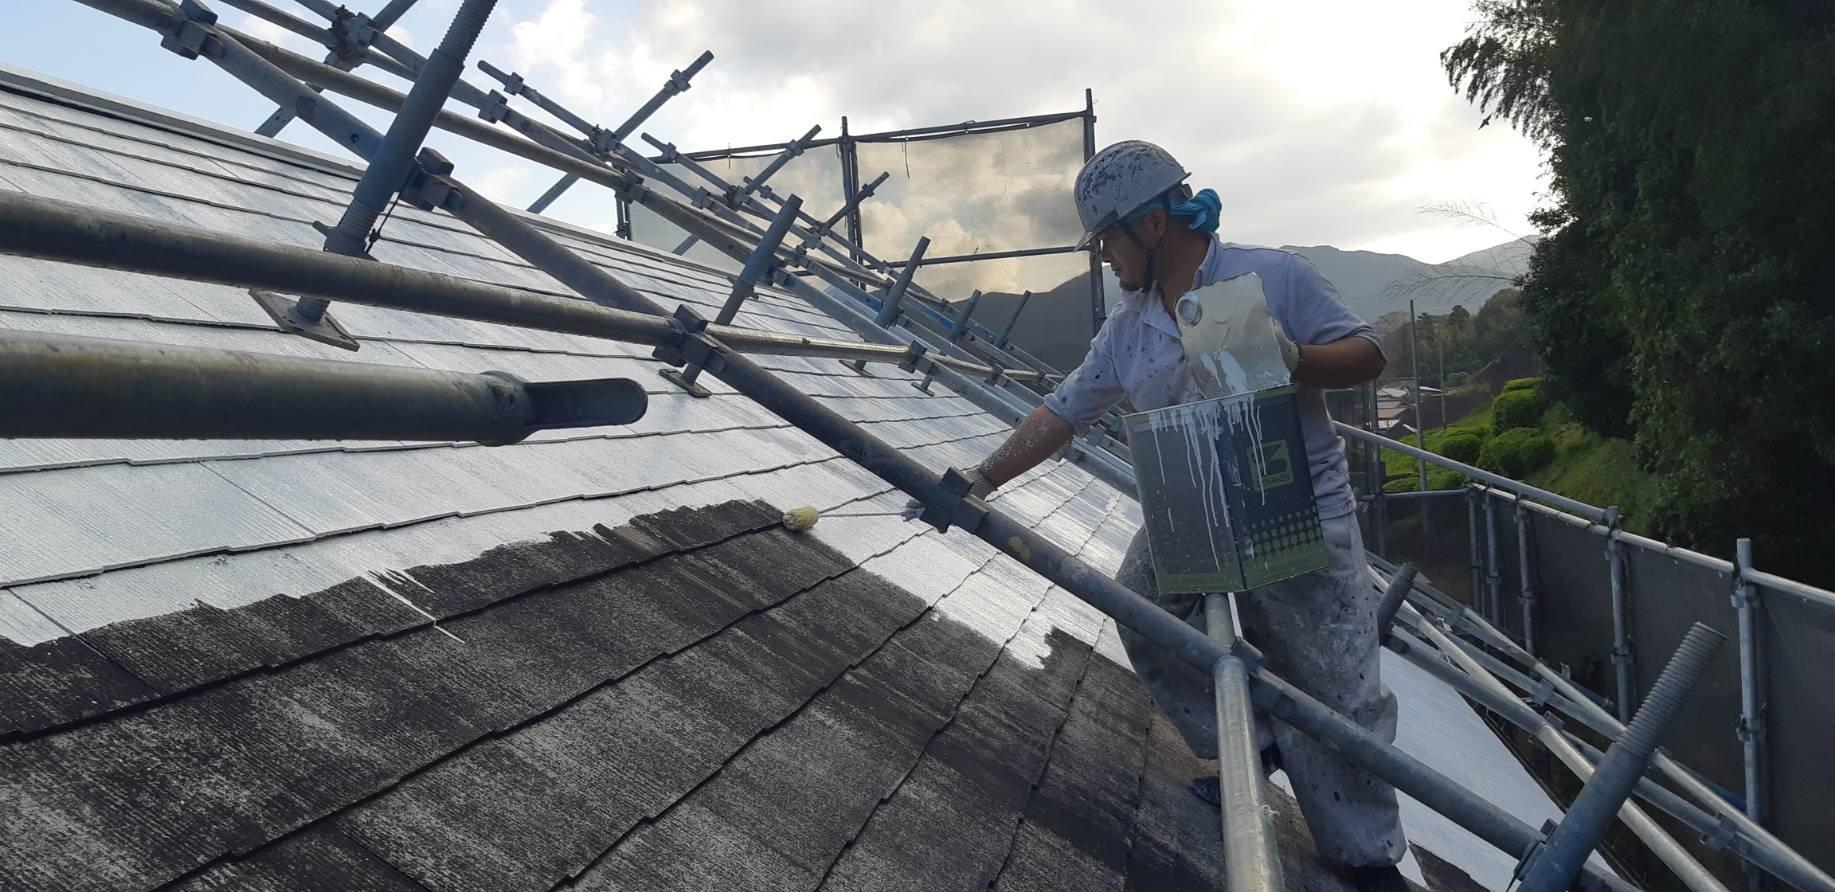 福岡県宮若市O様邸施工3日目屋根下塗り外壁下塗り作業